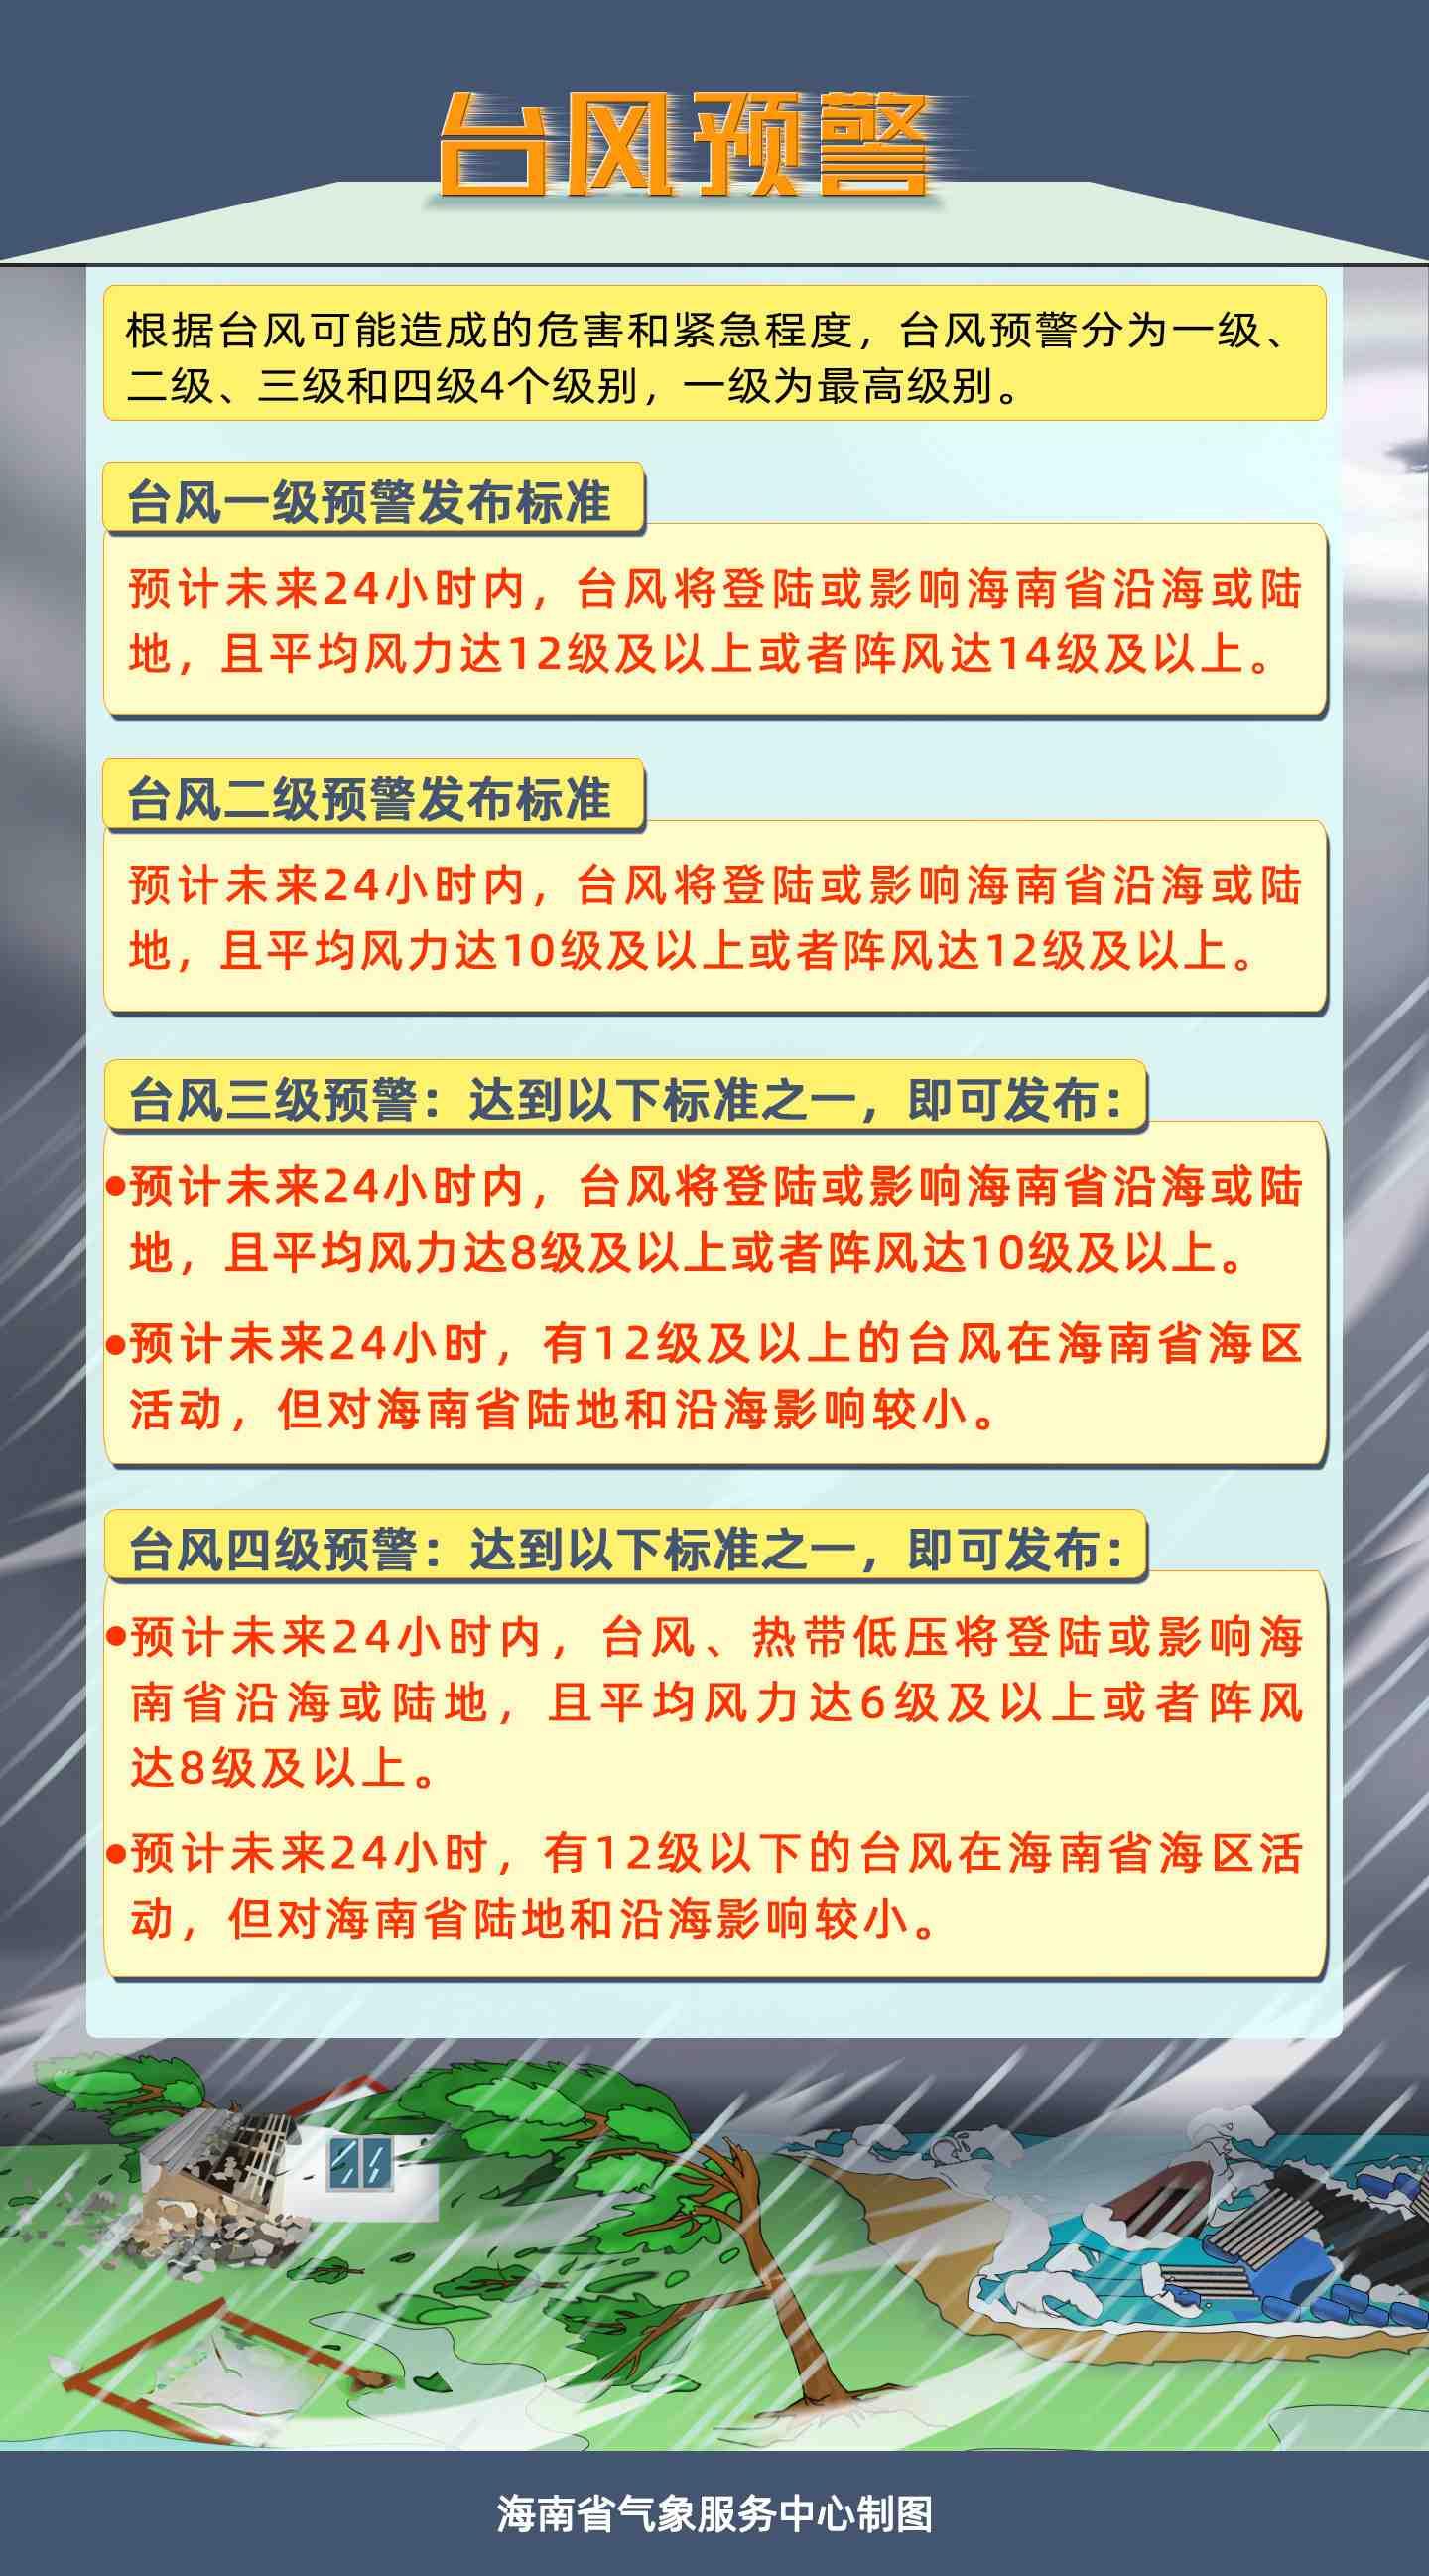 海南省气象局2020年11月14日08时20分继续发布台风三级预警